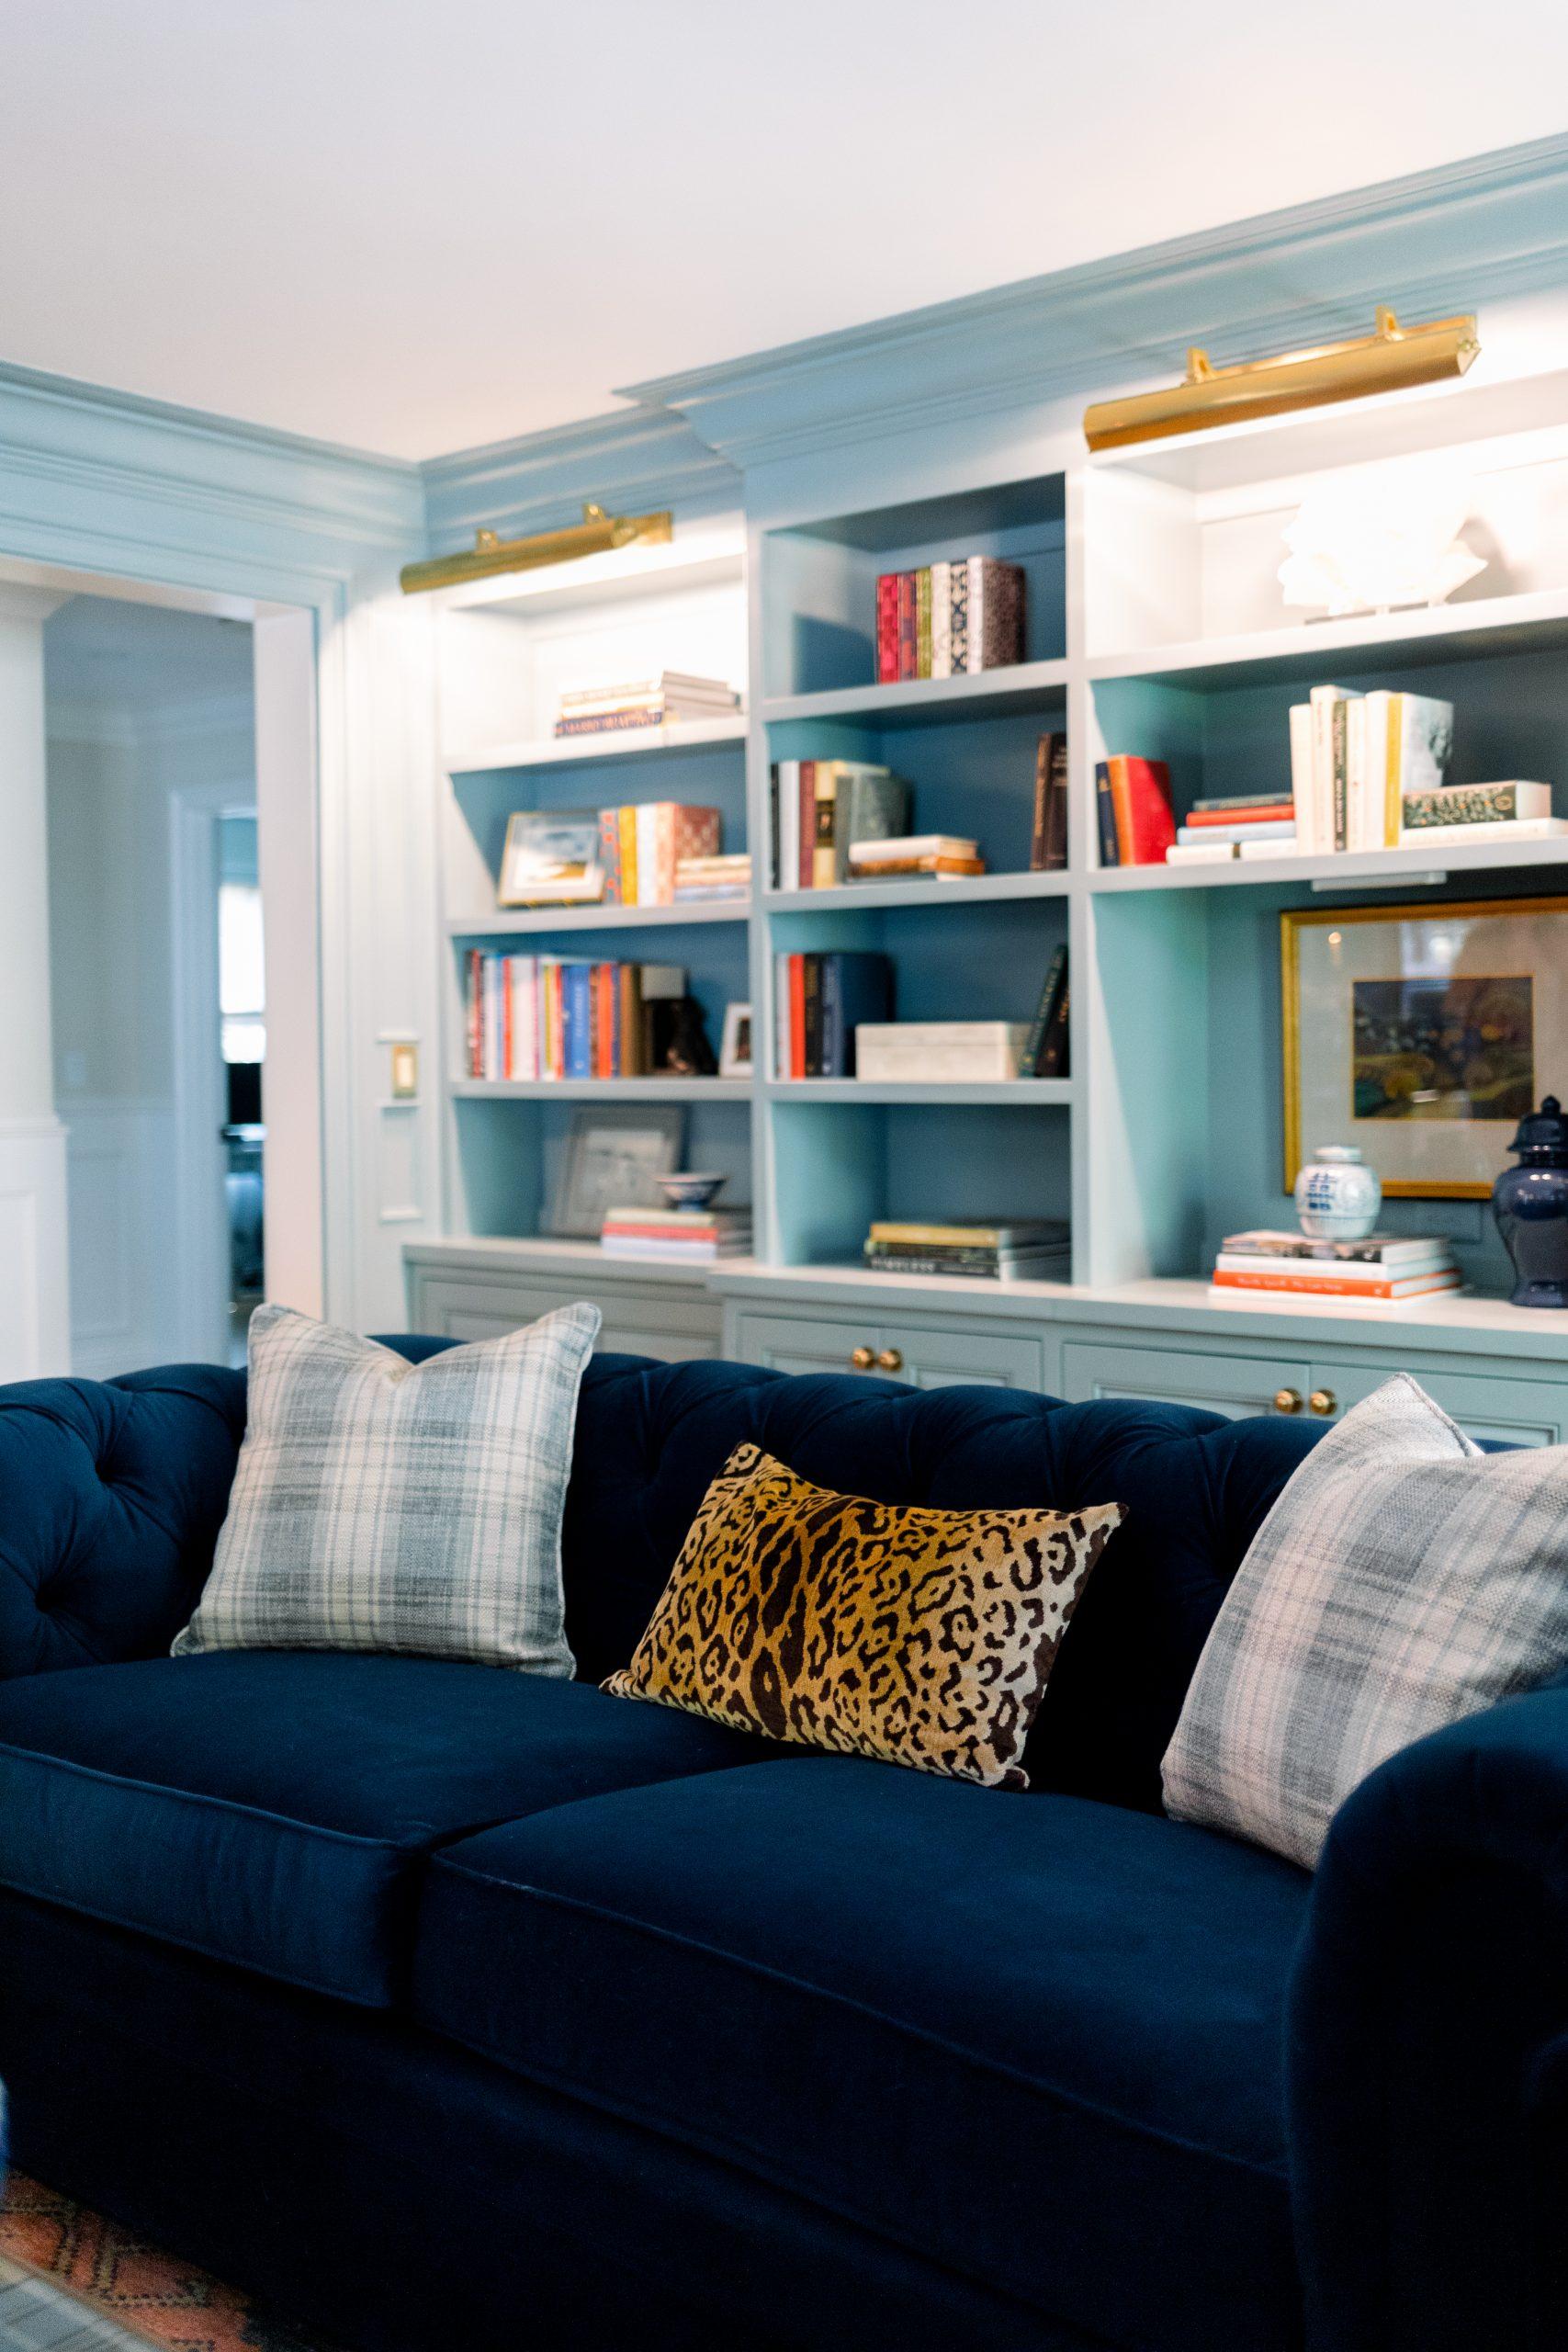 Blue velvet sofa and book cases